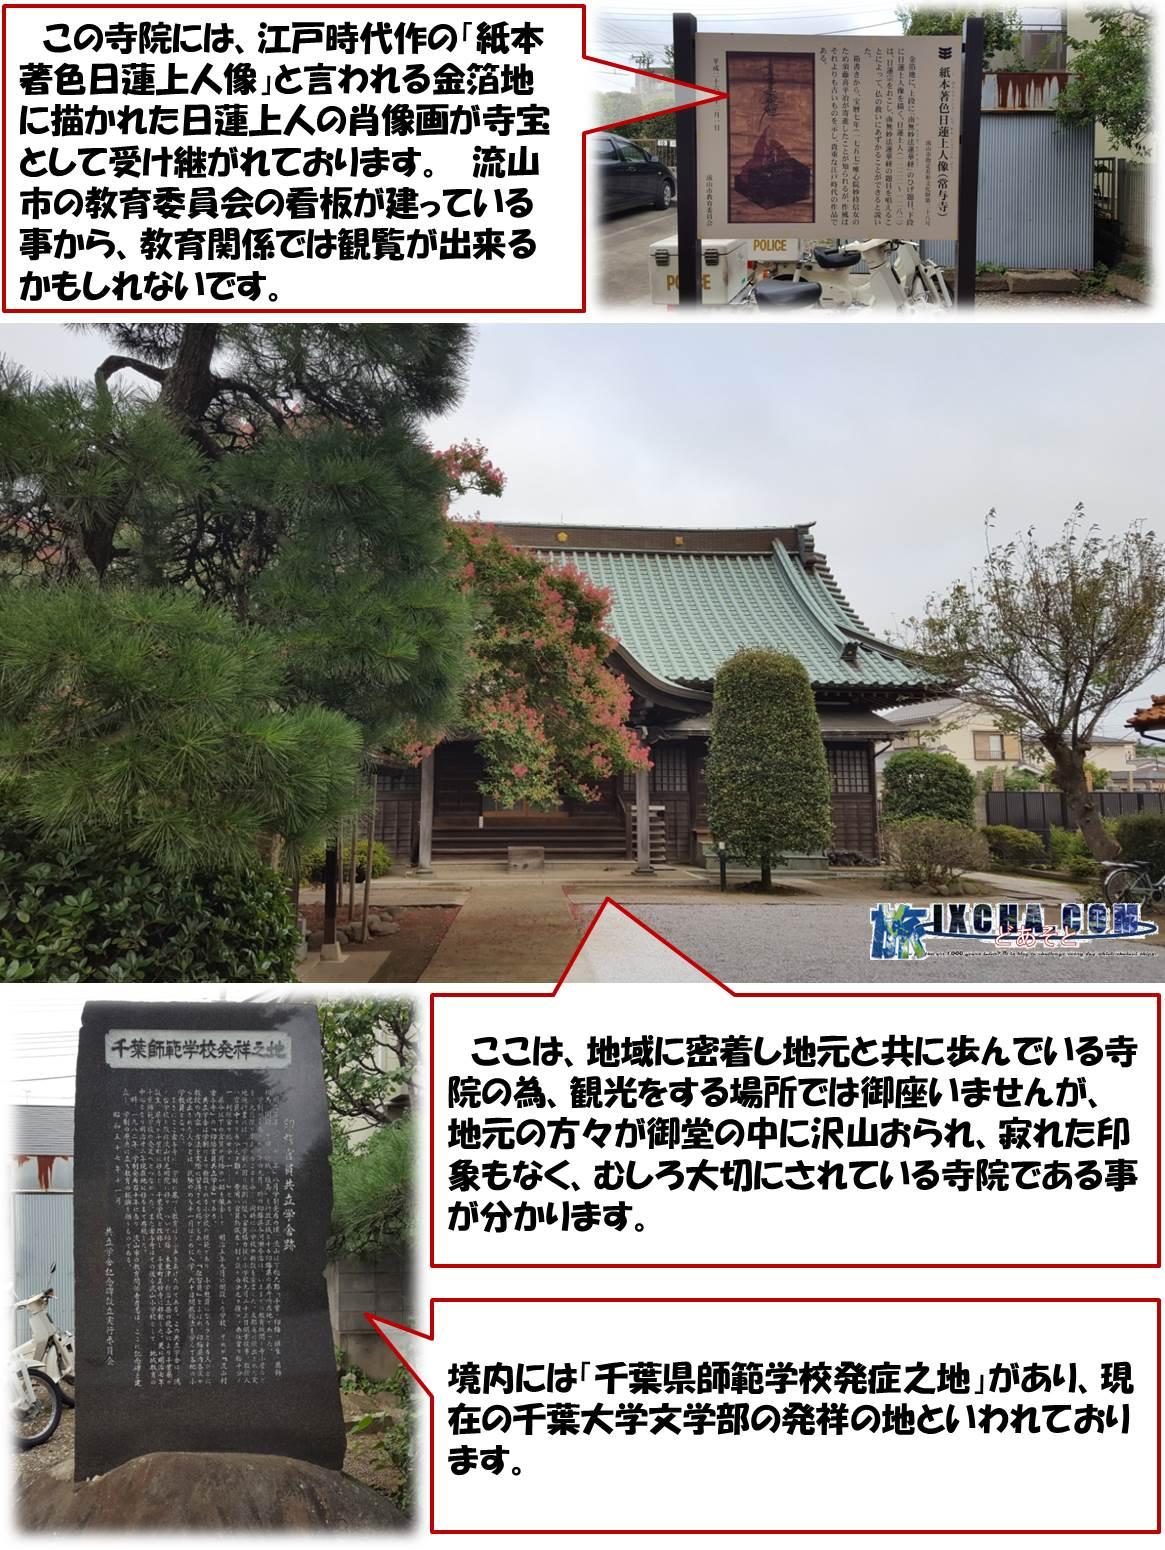 この寺院には、江戸時代作の「紙本著色日蓮上人像」と言われる金箔地に描かれた日蓮上人の肖像画が寺宝として受け継がれております。 流山市の教育委員会の看板が建っている事から、教育関係では観覧が出来るかもしれないです。 ここは、地域に密着し地元と共に歩んでいる寺院の為、観光をする場所では御座いませんが、地元の方々が御堂の中に沢山おられ、寂れた印象もなく、むしろ大切にされている寺院である事が分かります。 境内には「千葉県師範学校発症之地」があり、現在の千葉大学文学部の発祥の地といわれております。